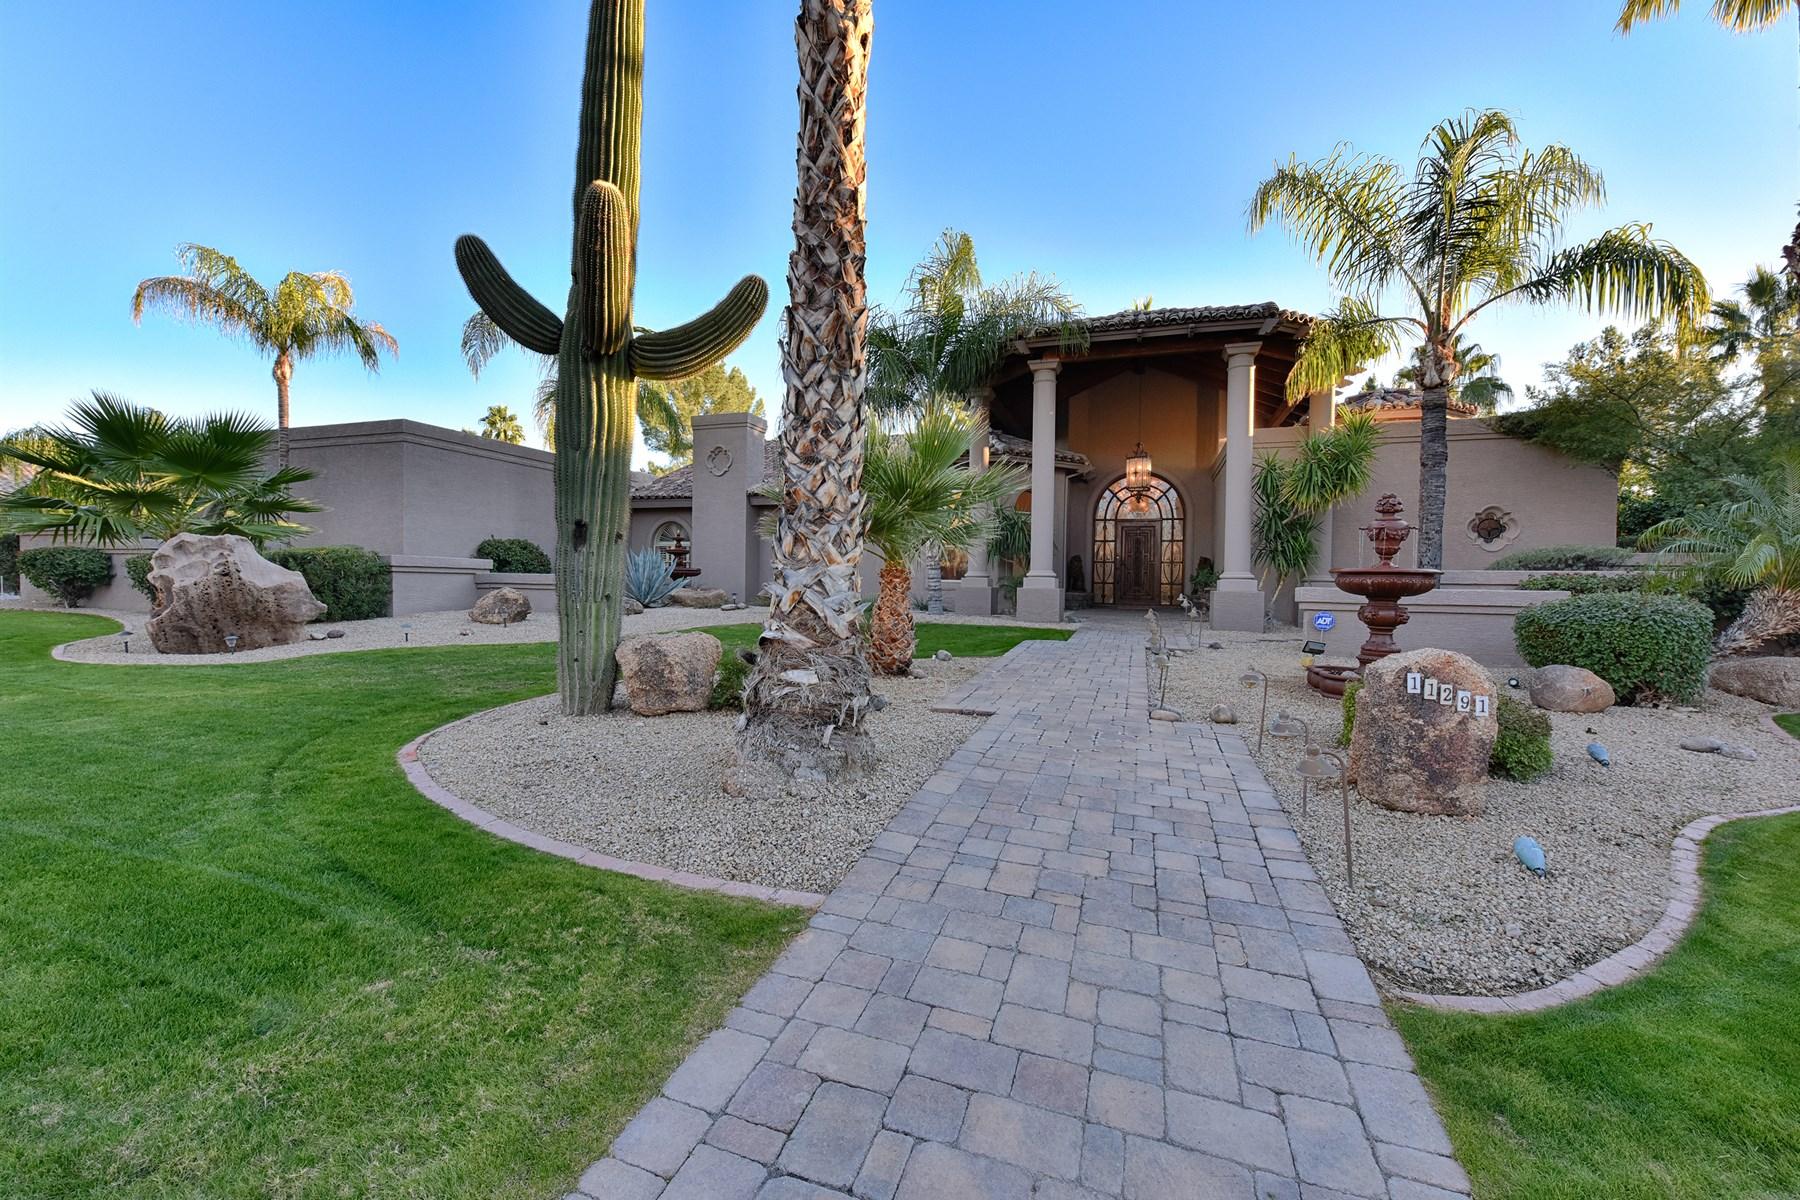 独户住宅 为 销售 在 Beautiful home boasting incredible remodeling upgrades 11291 E Cochise Dr 斯科茨代尔, 亚利桑那州 85259 美国